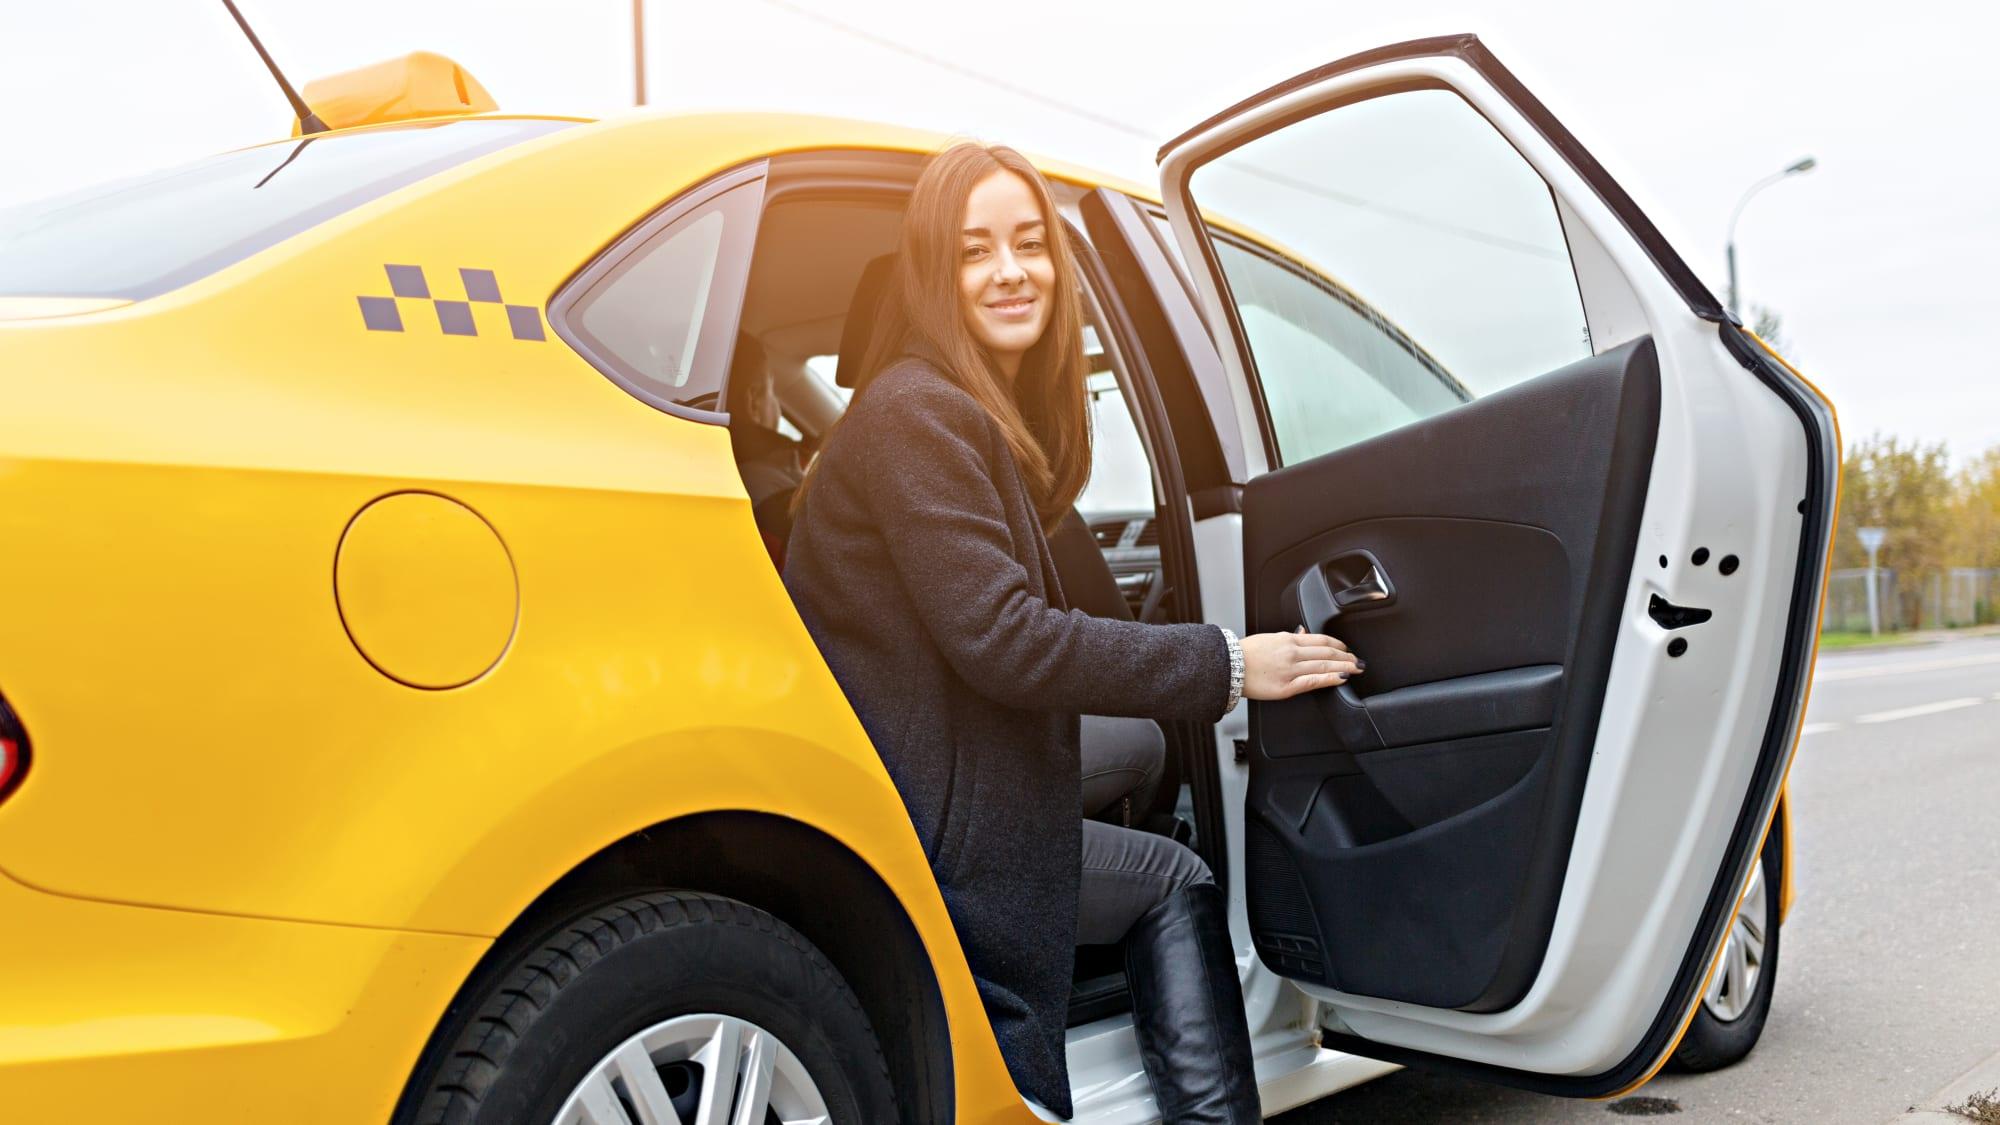 Damen in schwarzem Mantel öffnet die Türe des Taxis beim Aussteigen